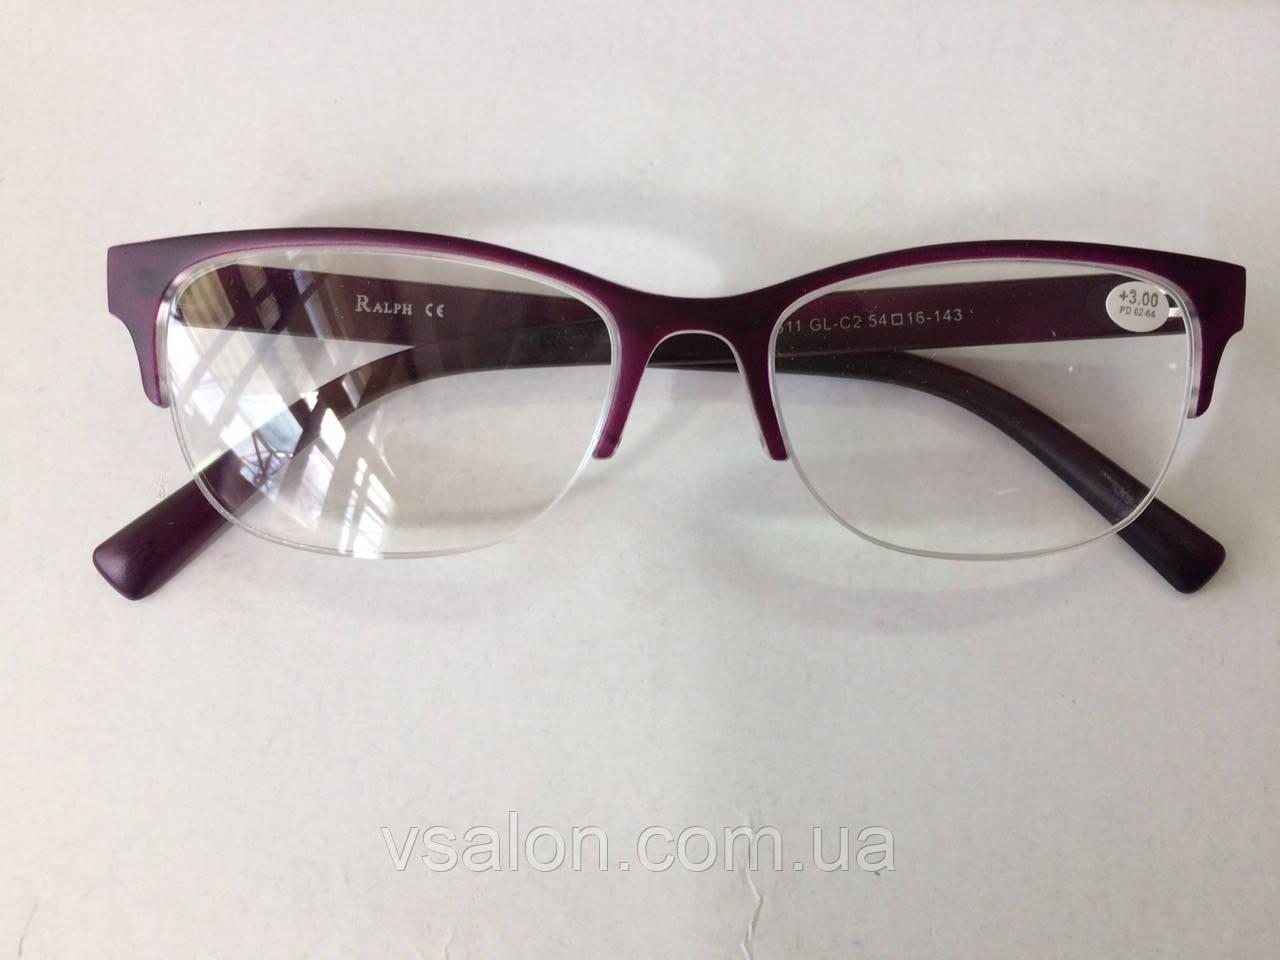 1c7c7ec2e345 Очки для зрения 0511  продажа, цена в Днепре. очки для коррекции ...